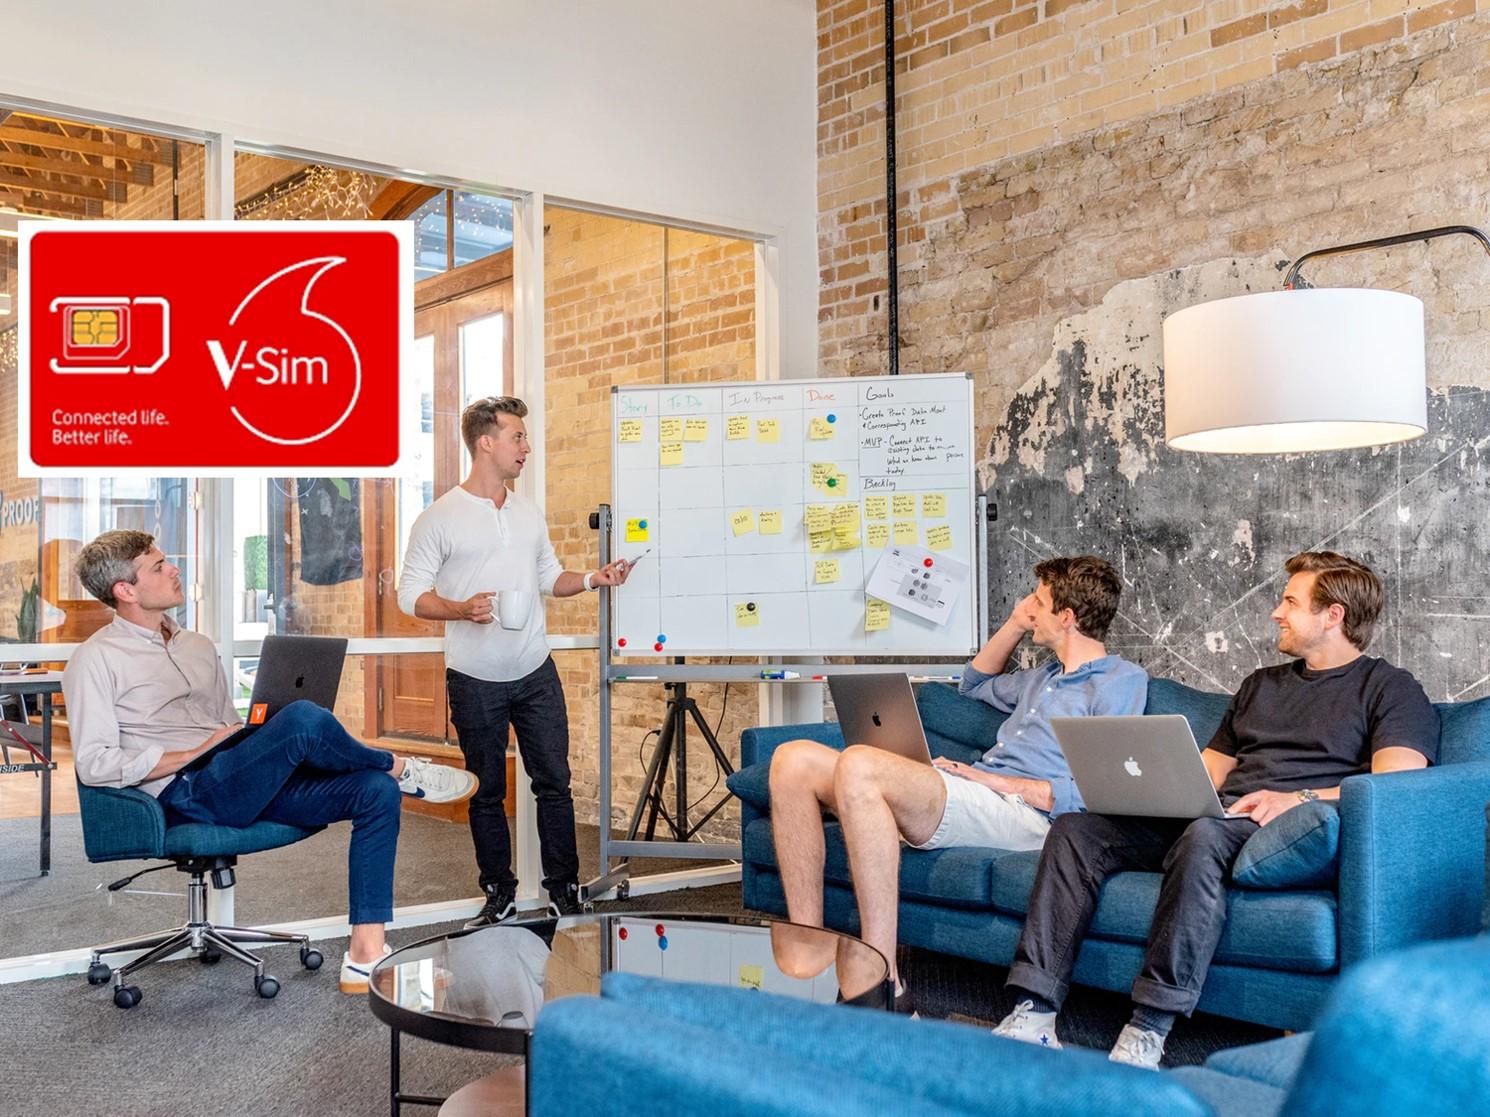 Analisis de la SIM V de Vodafone